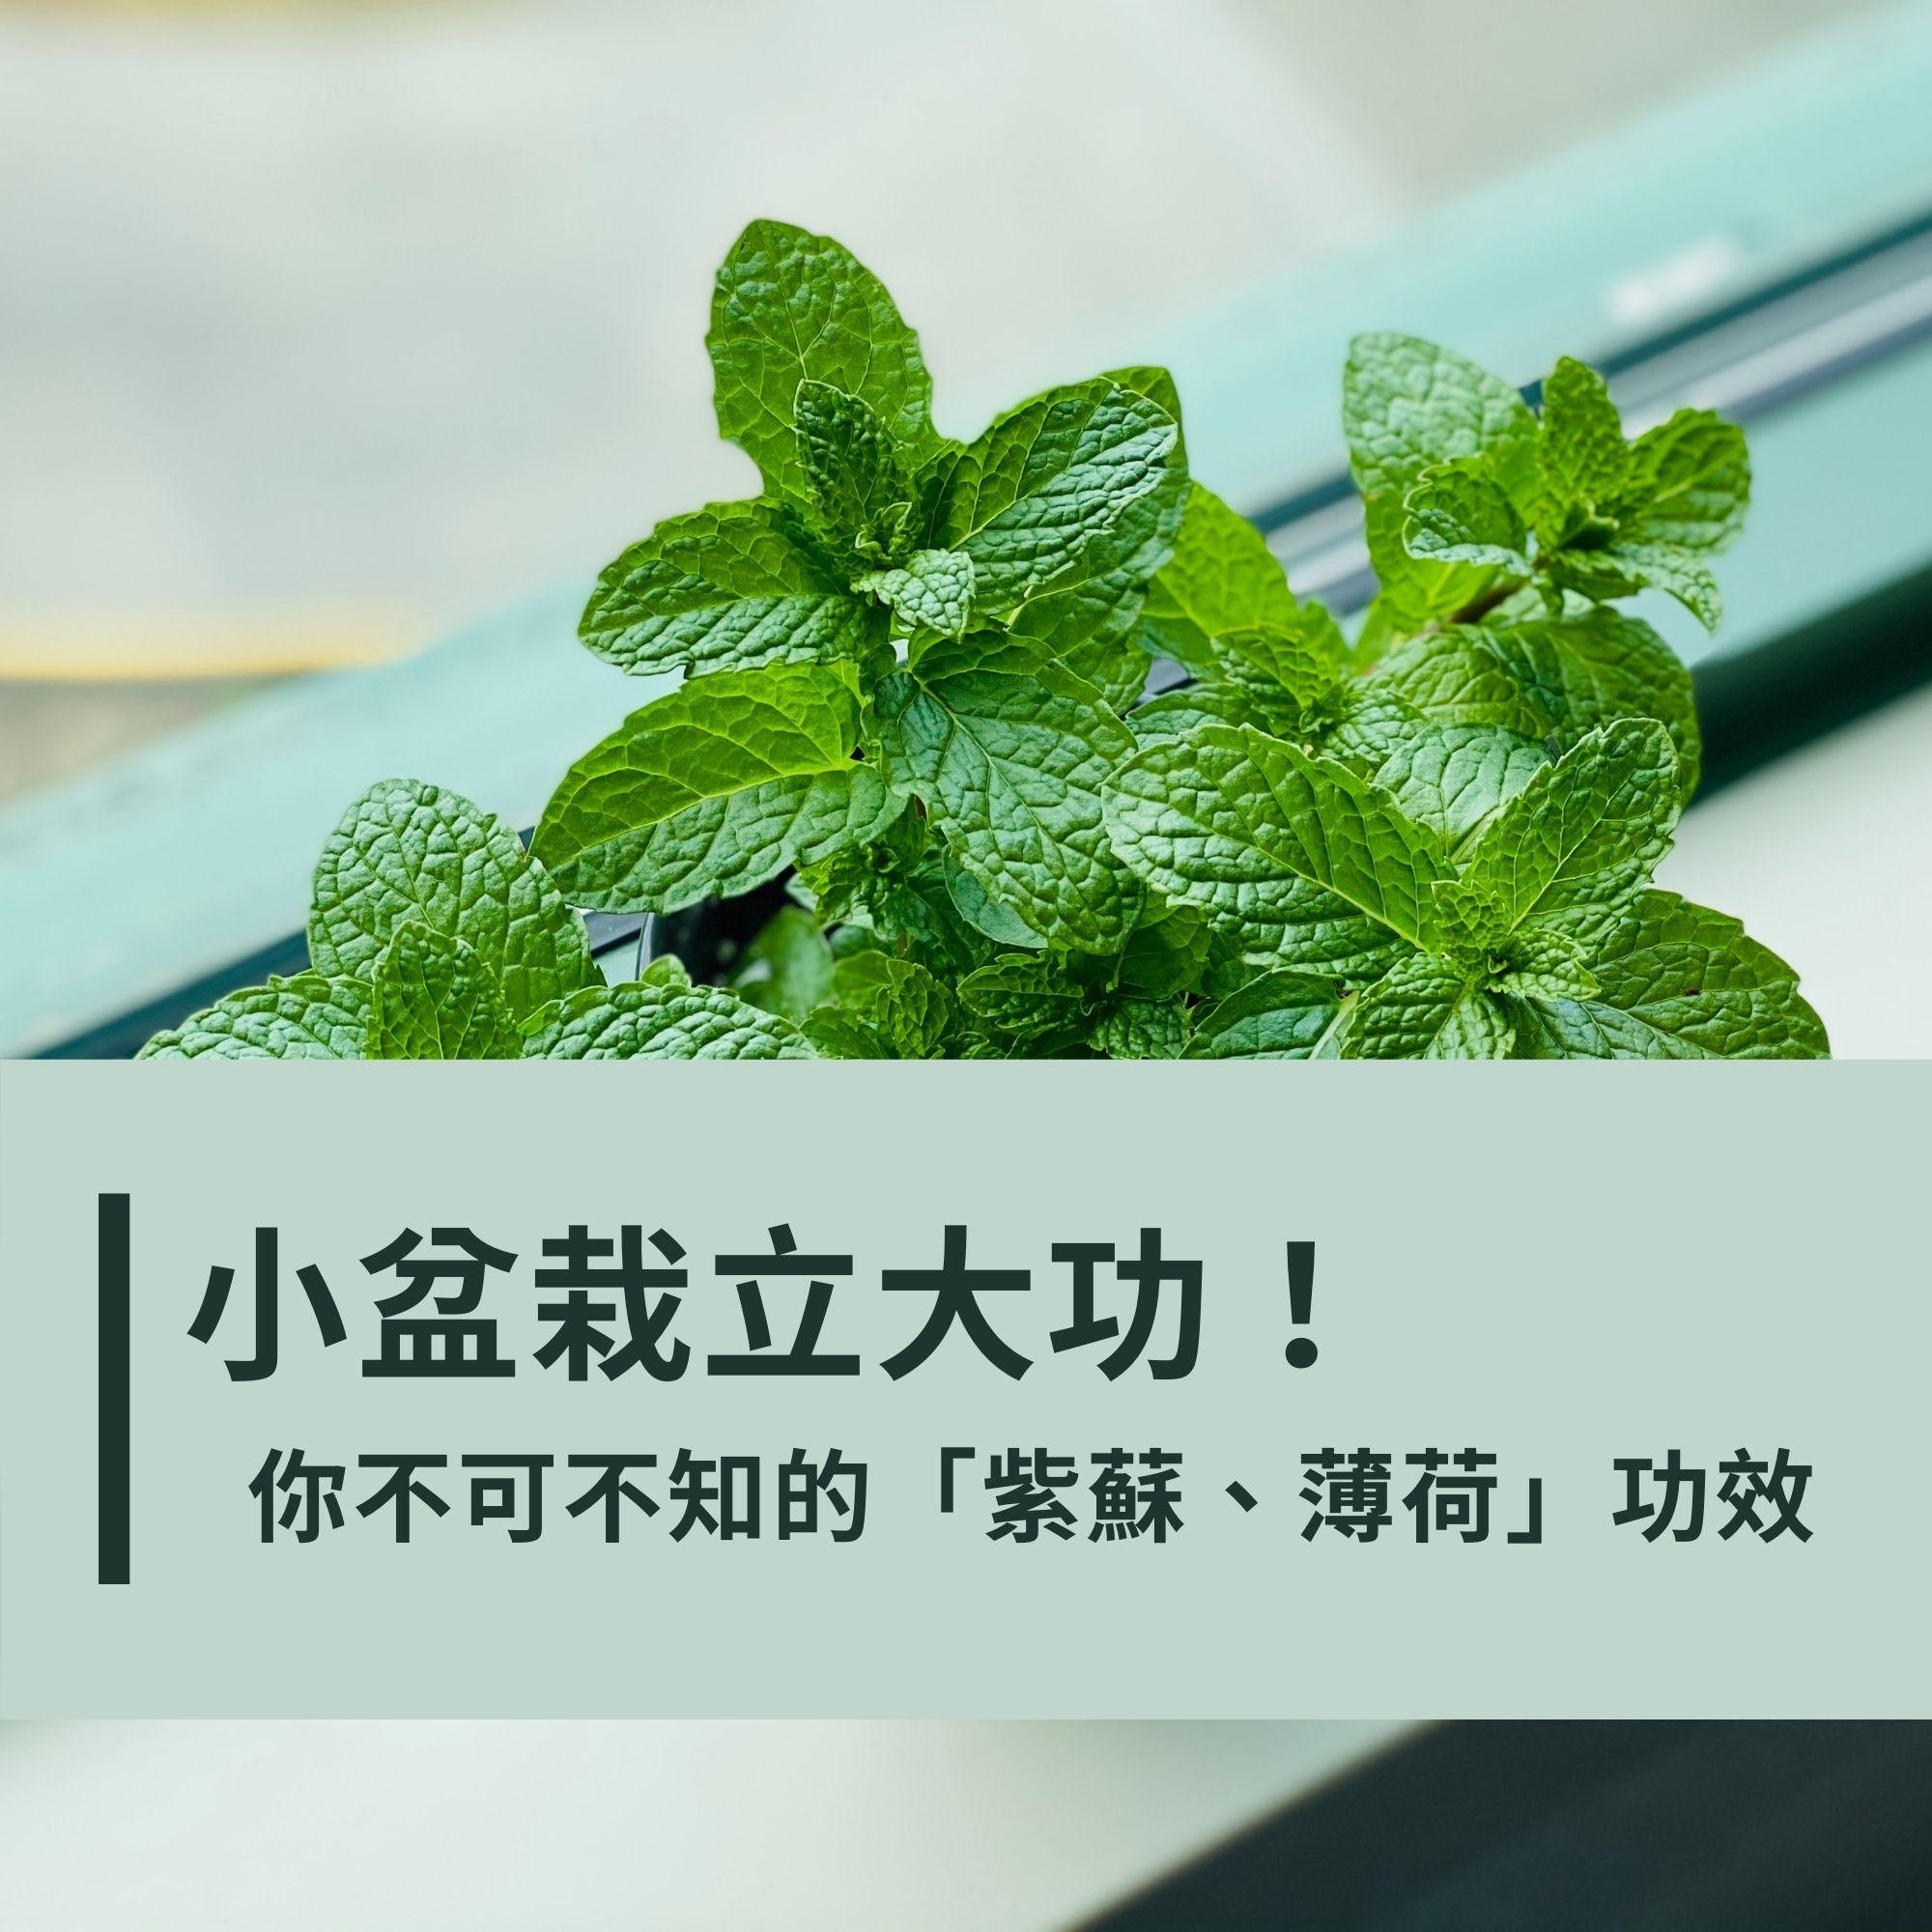 小盆栽立大功!你不可不知道的「紫蘇、薄荷」功效:沖泡養生還能抑制新冠肺炎